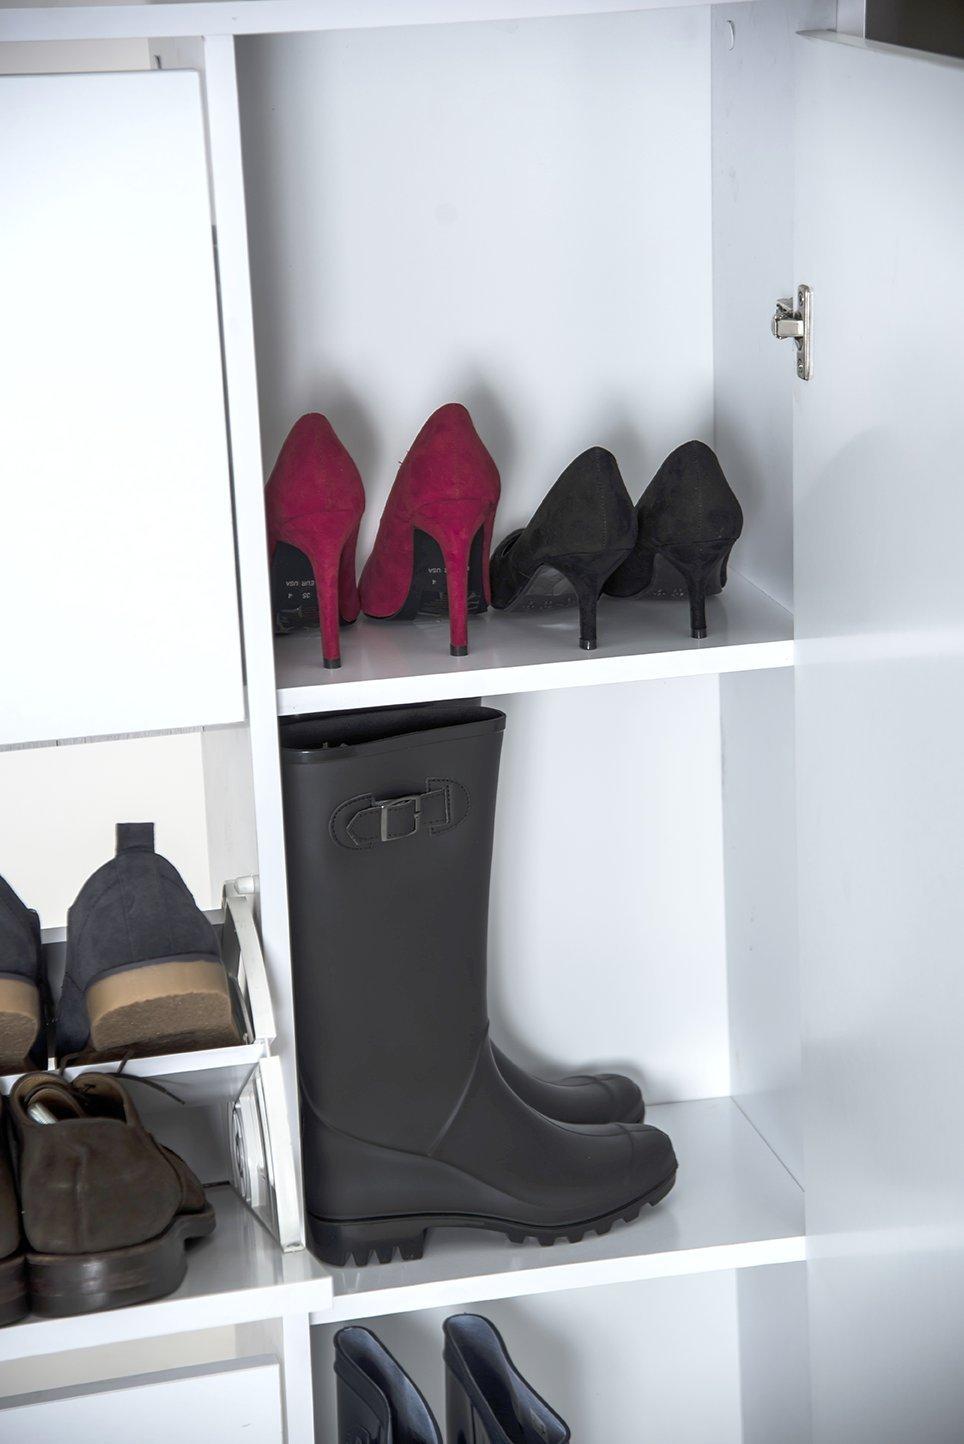 Organizador de calzado para zapatos, calzado con tacón y botas